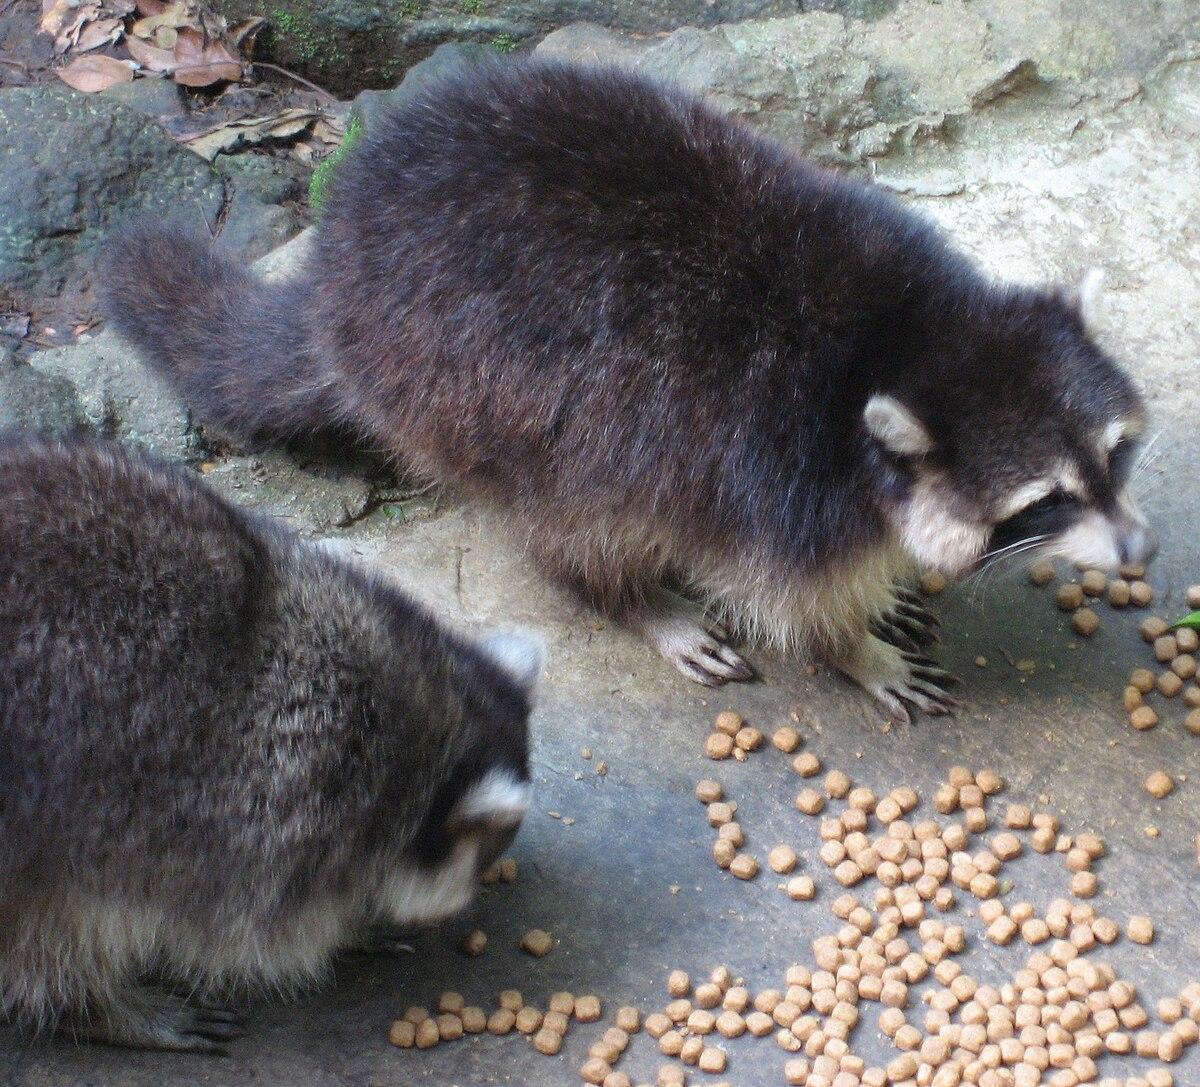 guadeloupe raccoon wikipedia